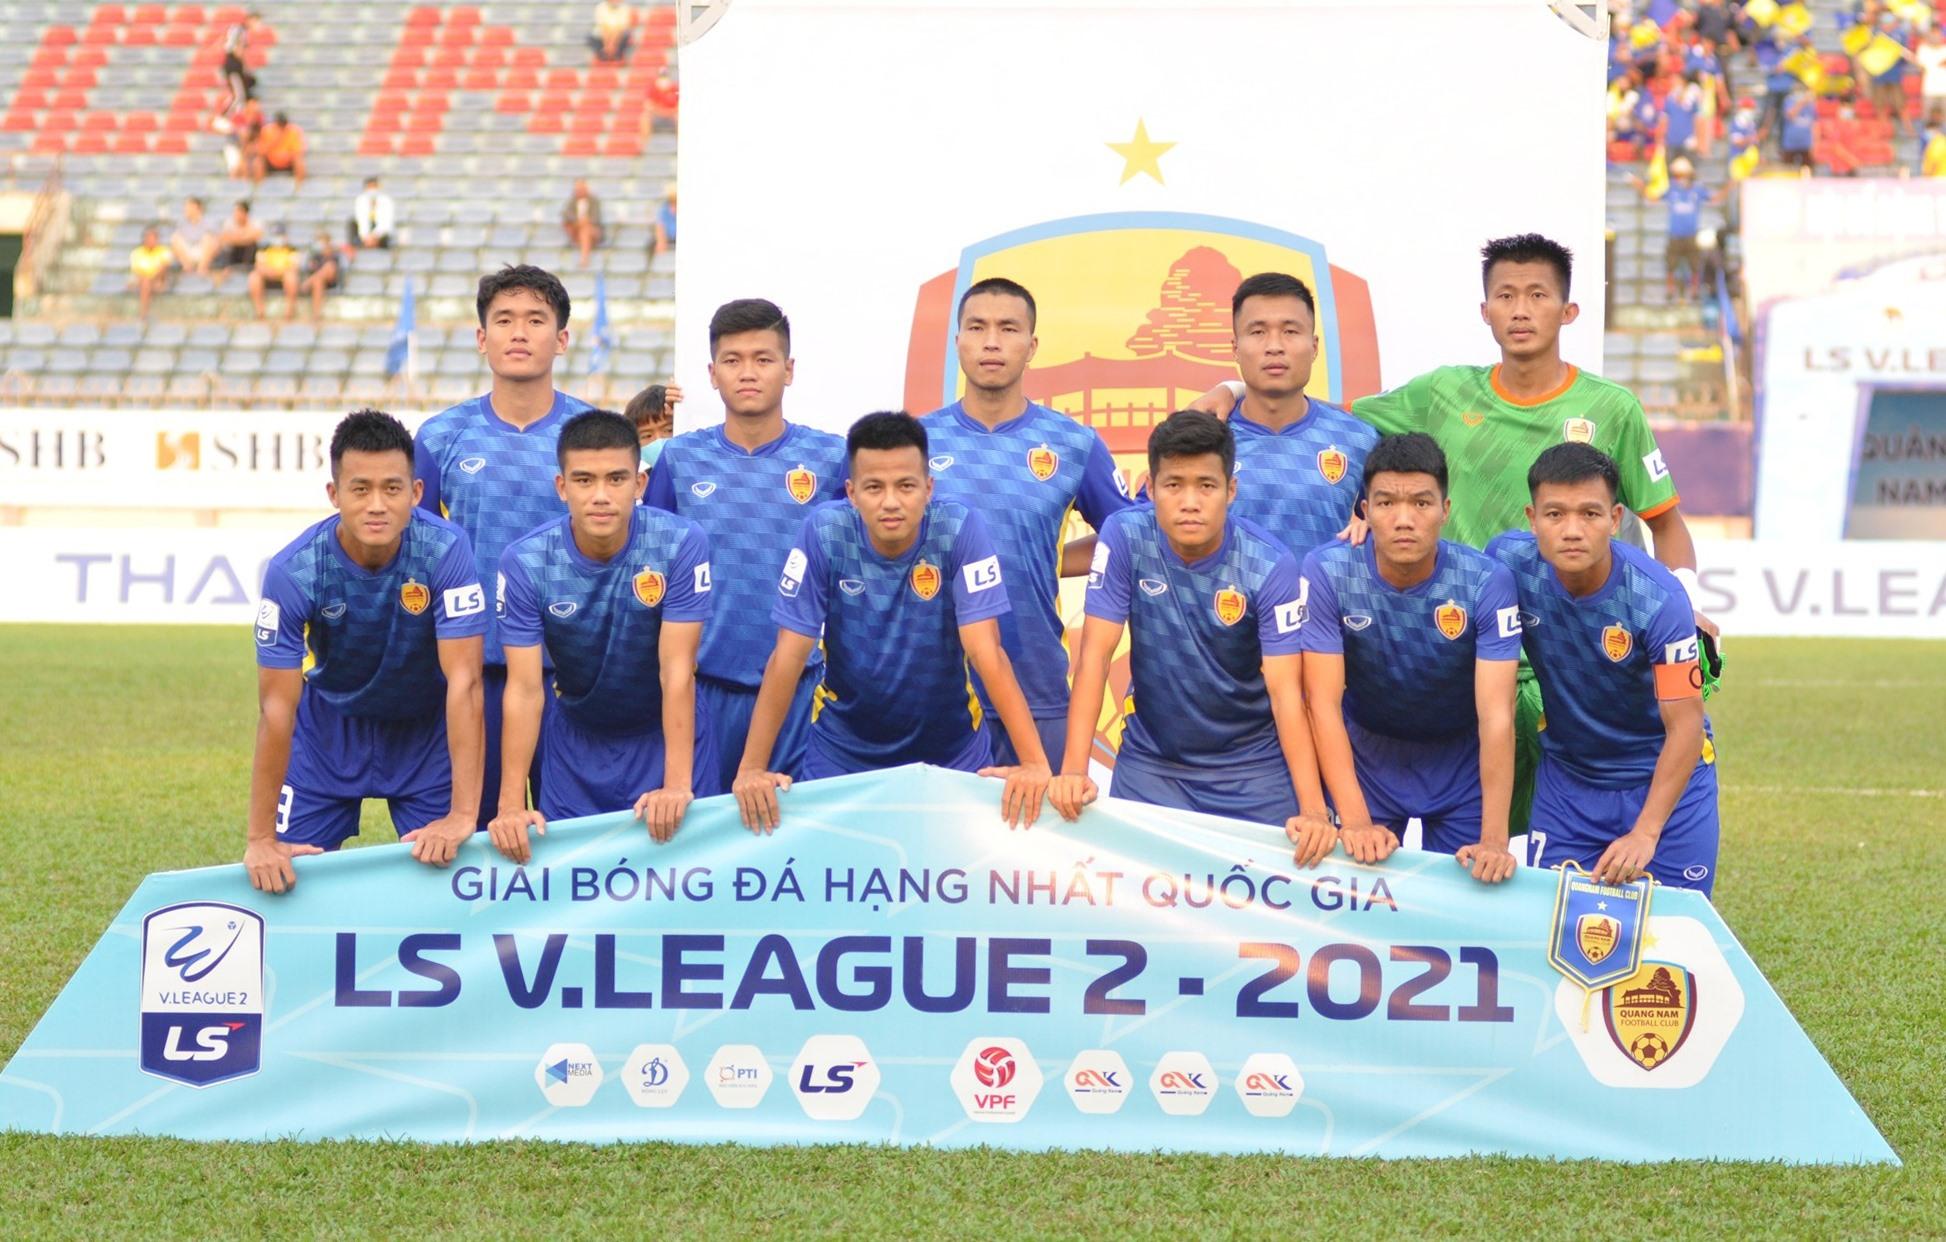 Đội hình Quảng Nam gồm nhiều cầu thủ chất lượng và kinh nghiệm nhưng chưa thể hiện được gì nhiều qua 2 trận đấu. Ảnh: A.NHI